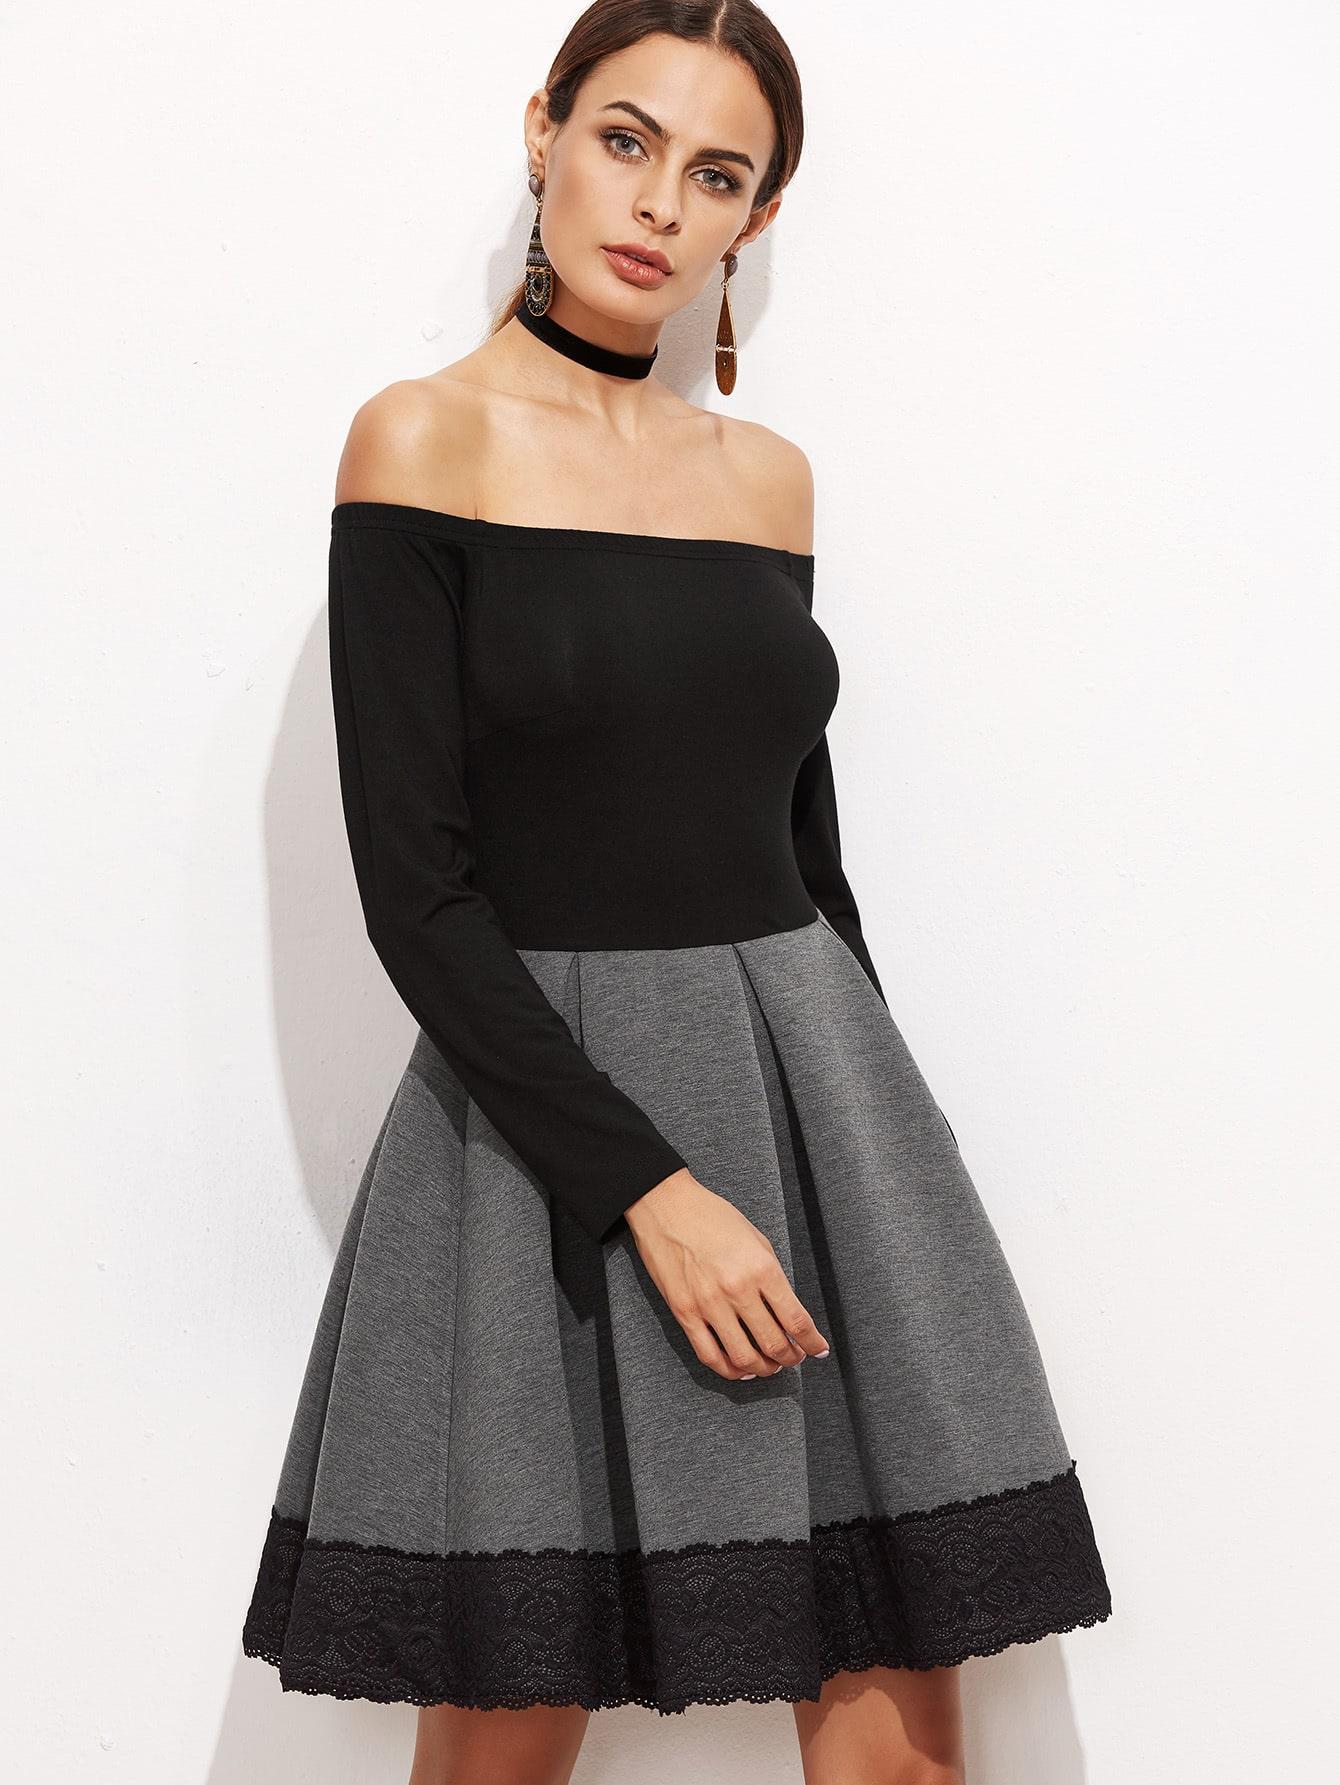 dress161020702_2